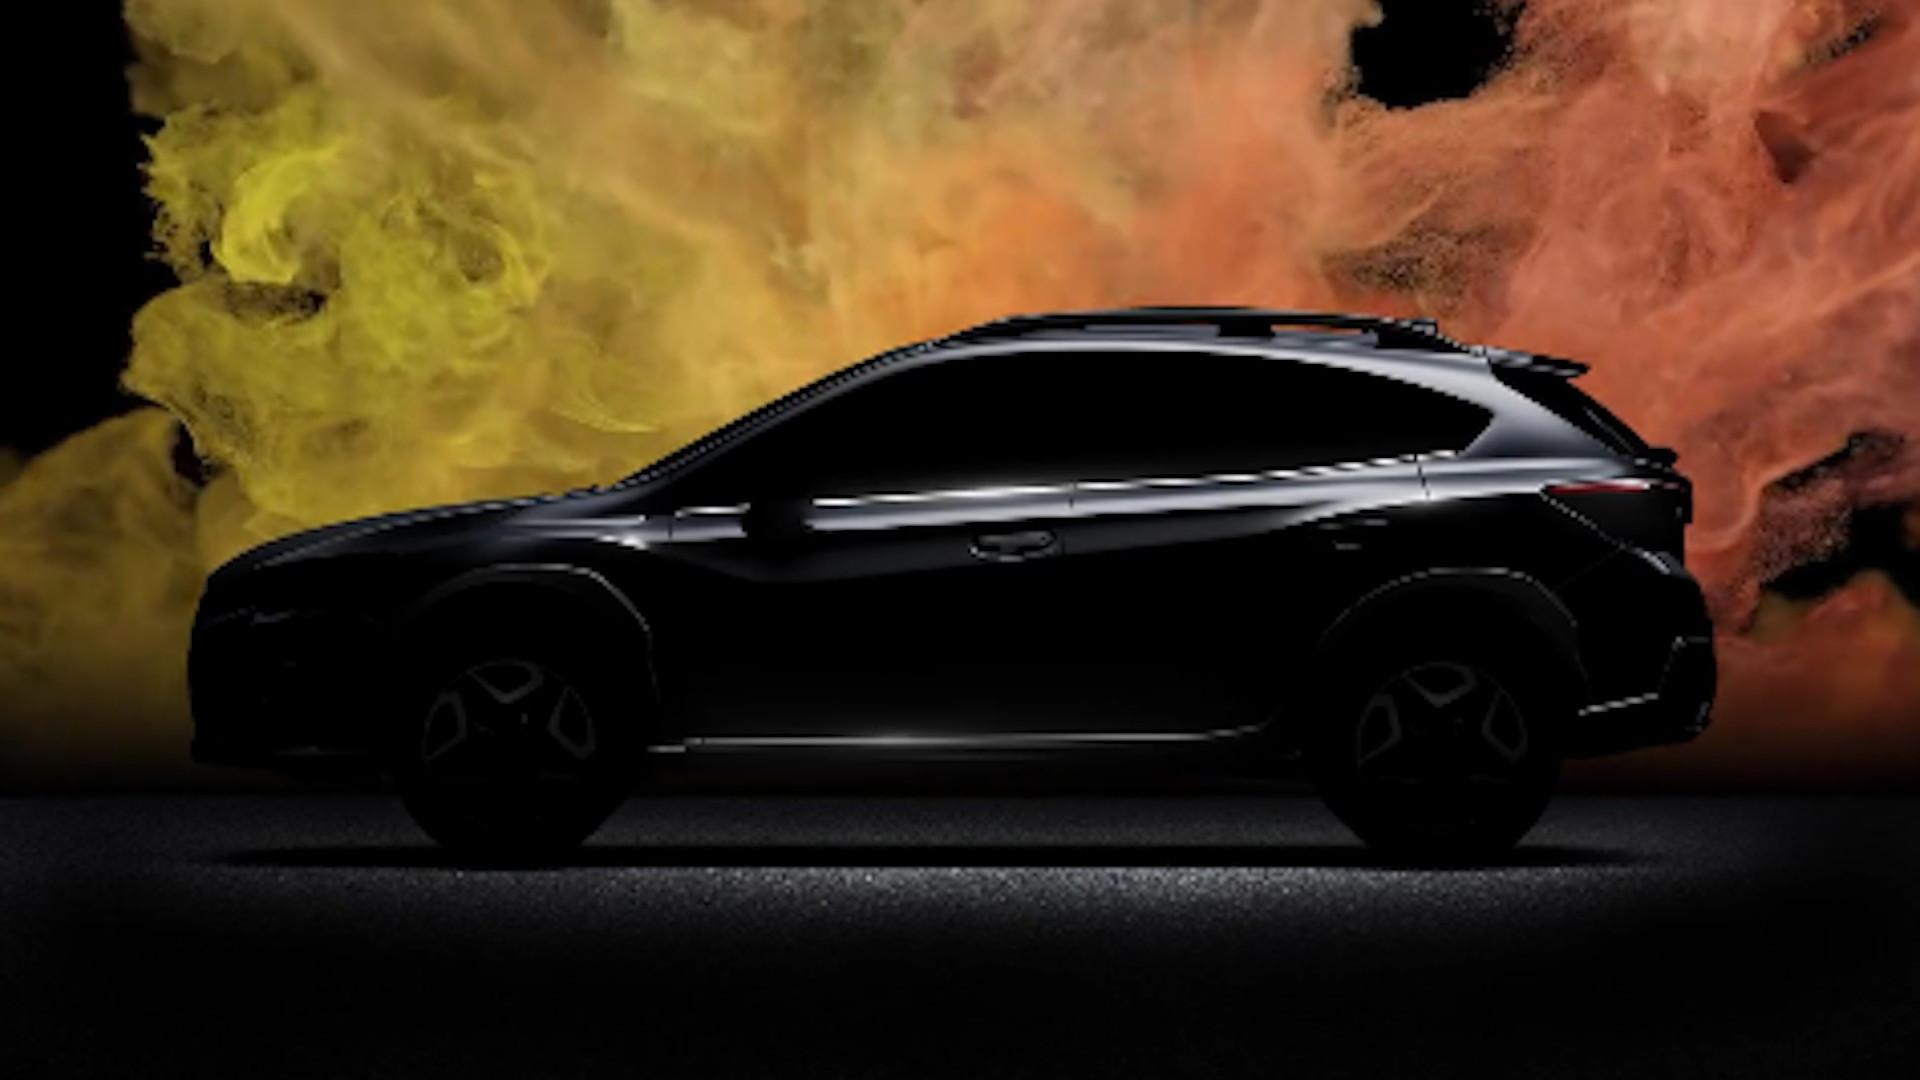 Subaru Crosstrek teased